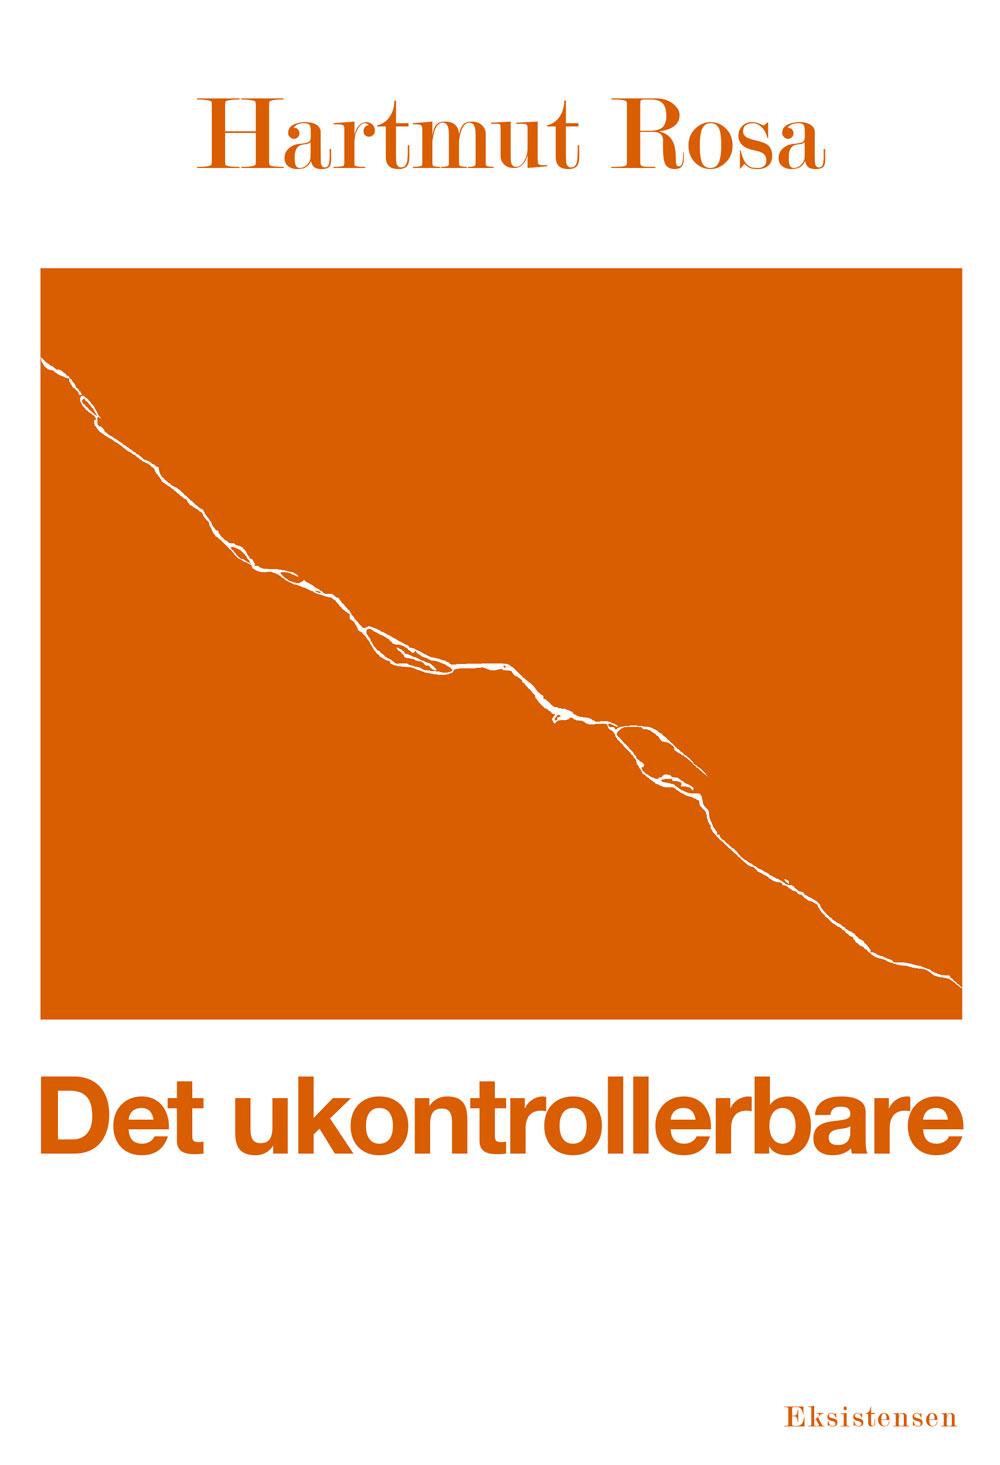 Det ukontrollerbare - Hartmut Rosa - Bøger - Eksistensen - 9788741006420 - 28/5-2020